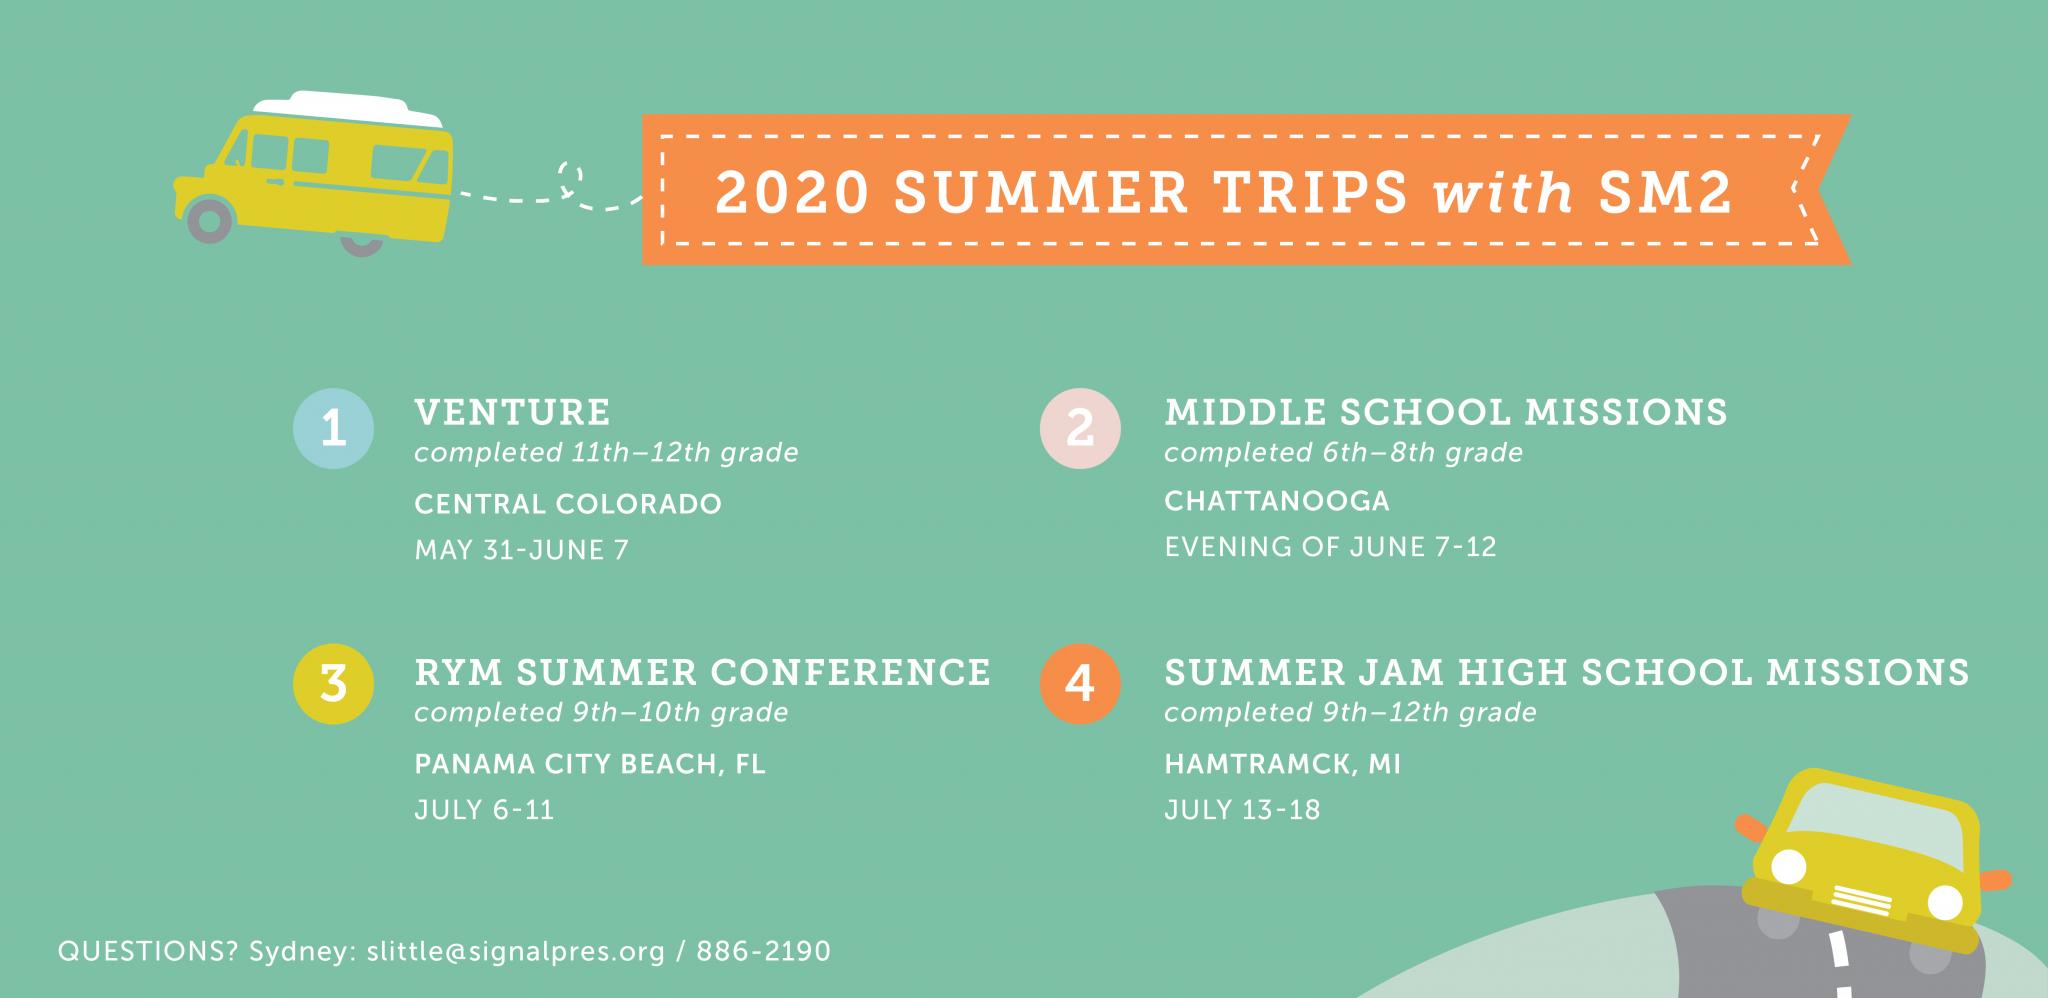 Summer Trips 2020